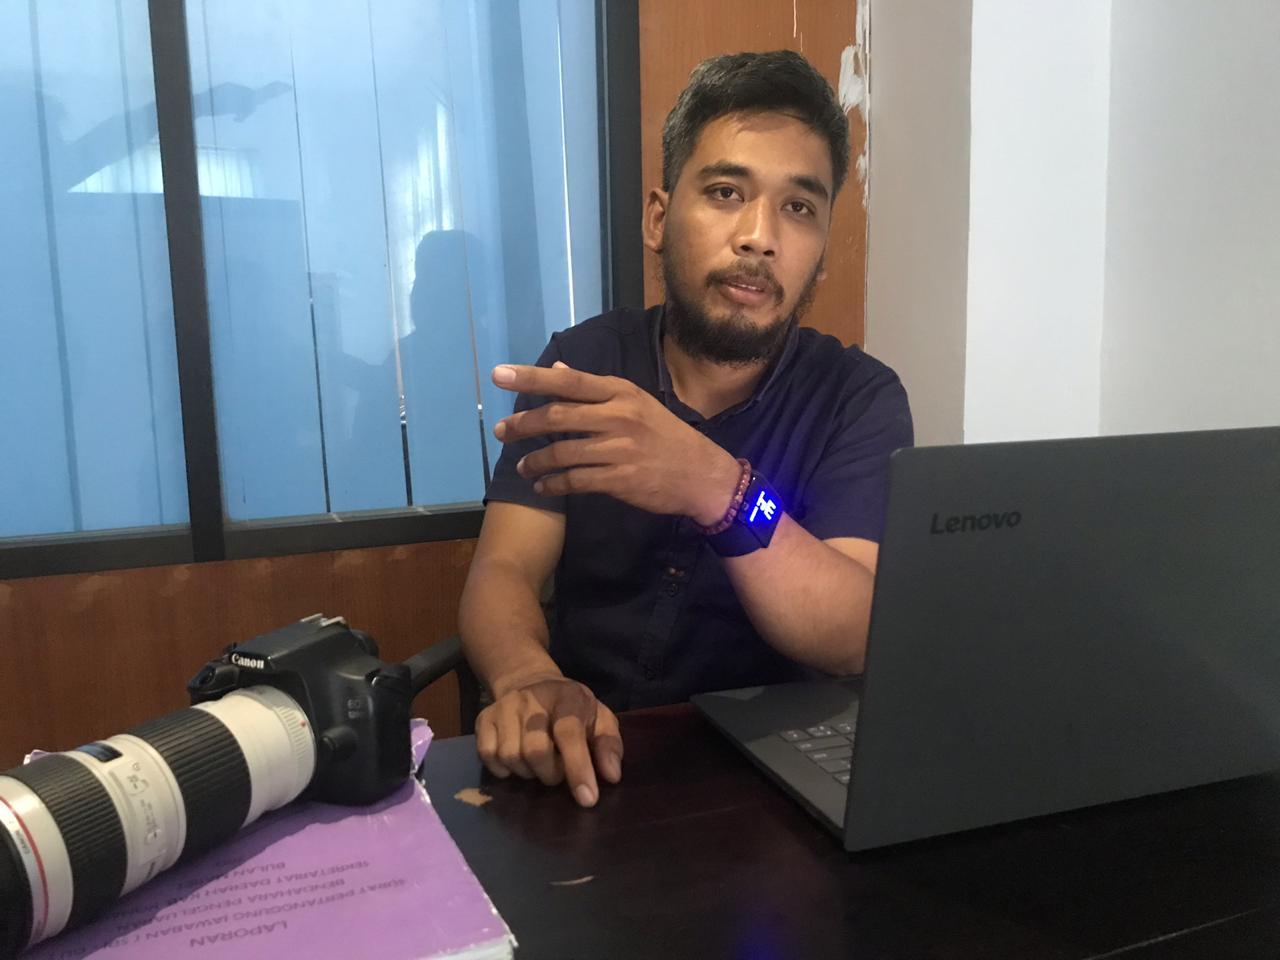 Manajer Askab PSSI Konawe, Aljan Indraprasta ditemui di ruang kerjanya.